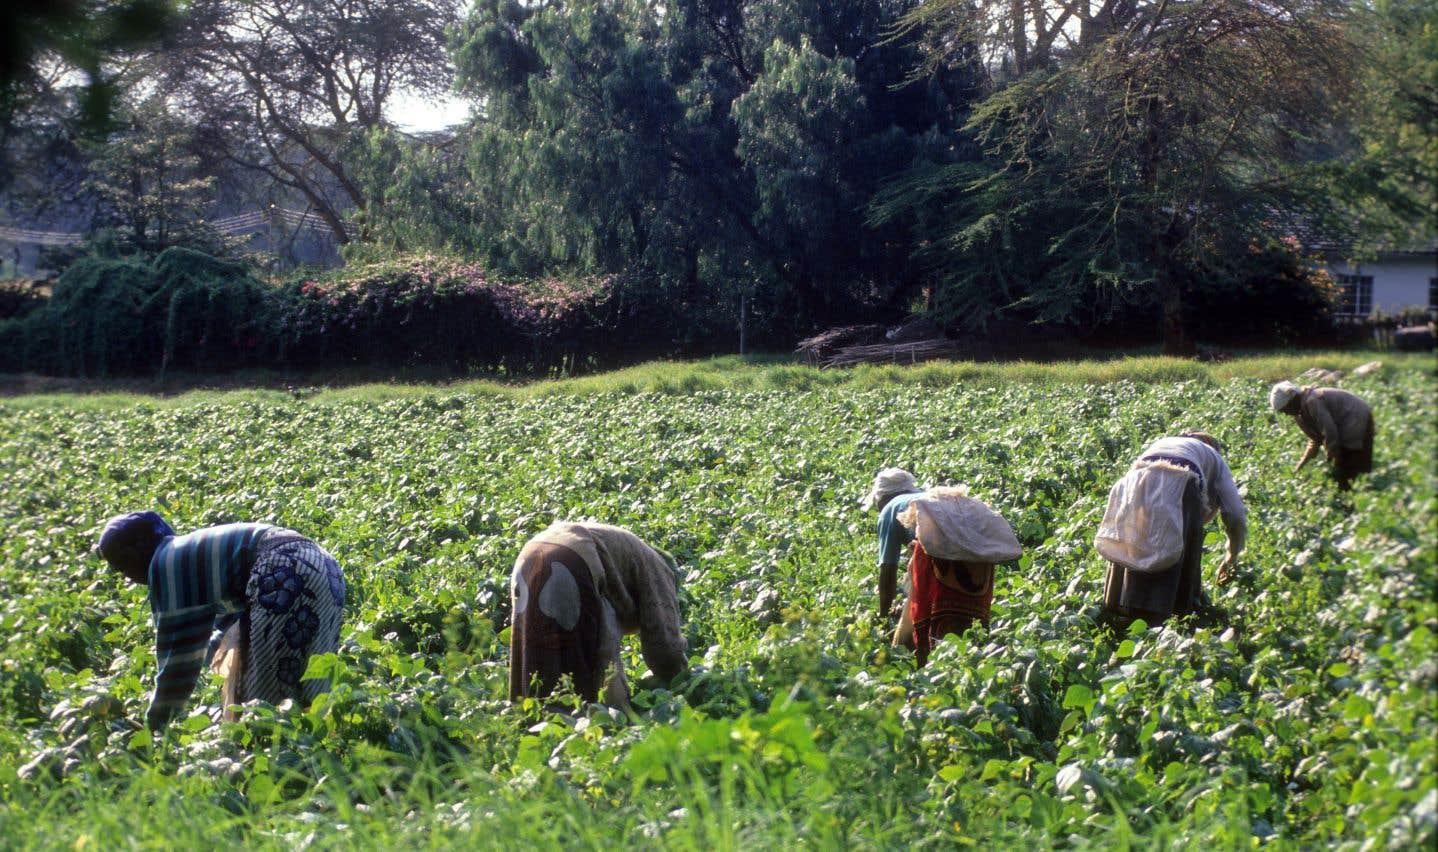 La sécurité alimentaire, une affaire collective